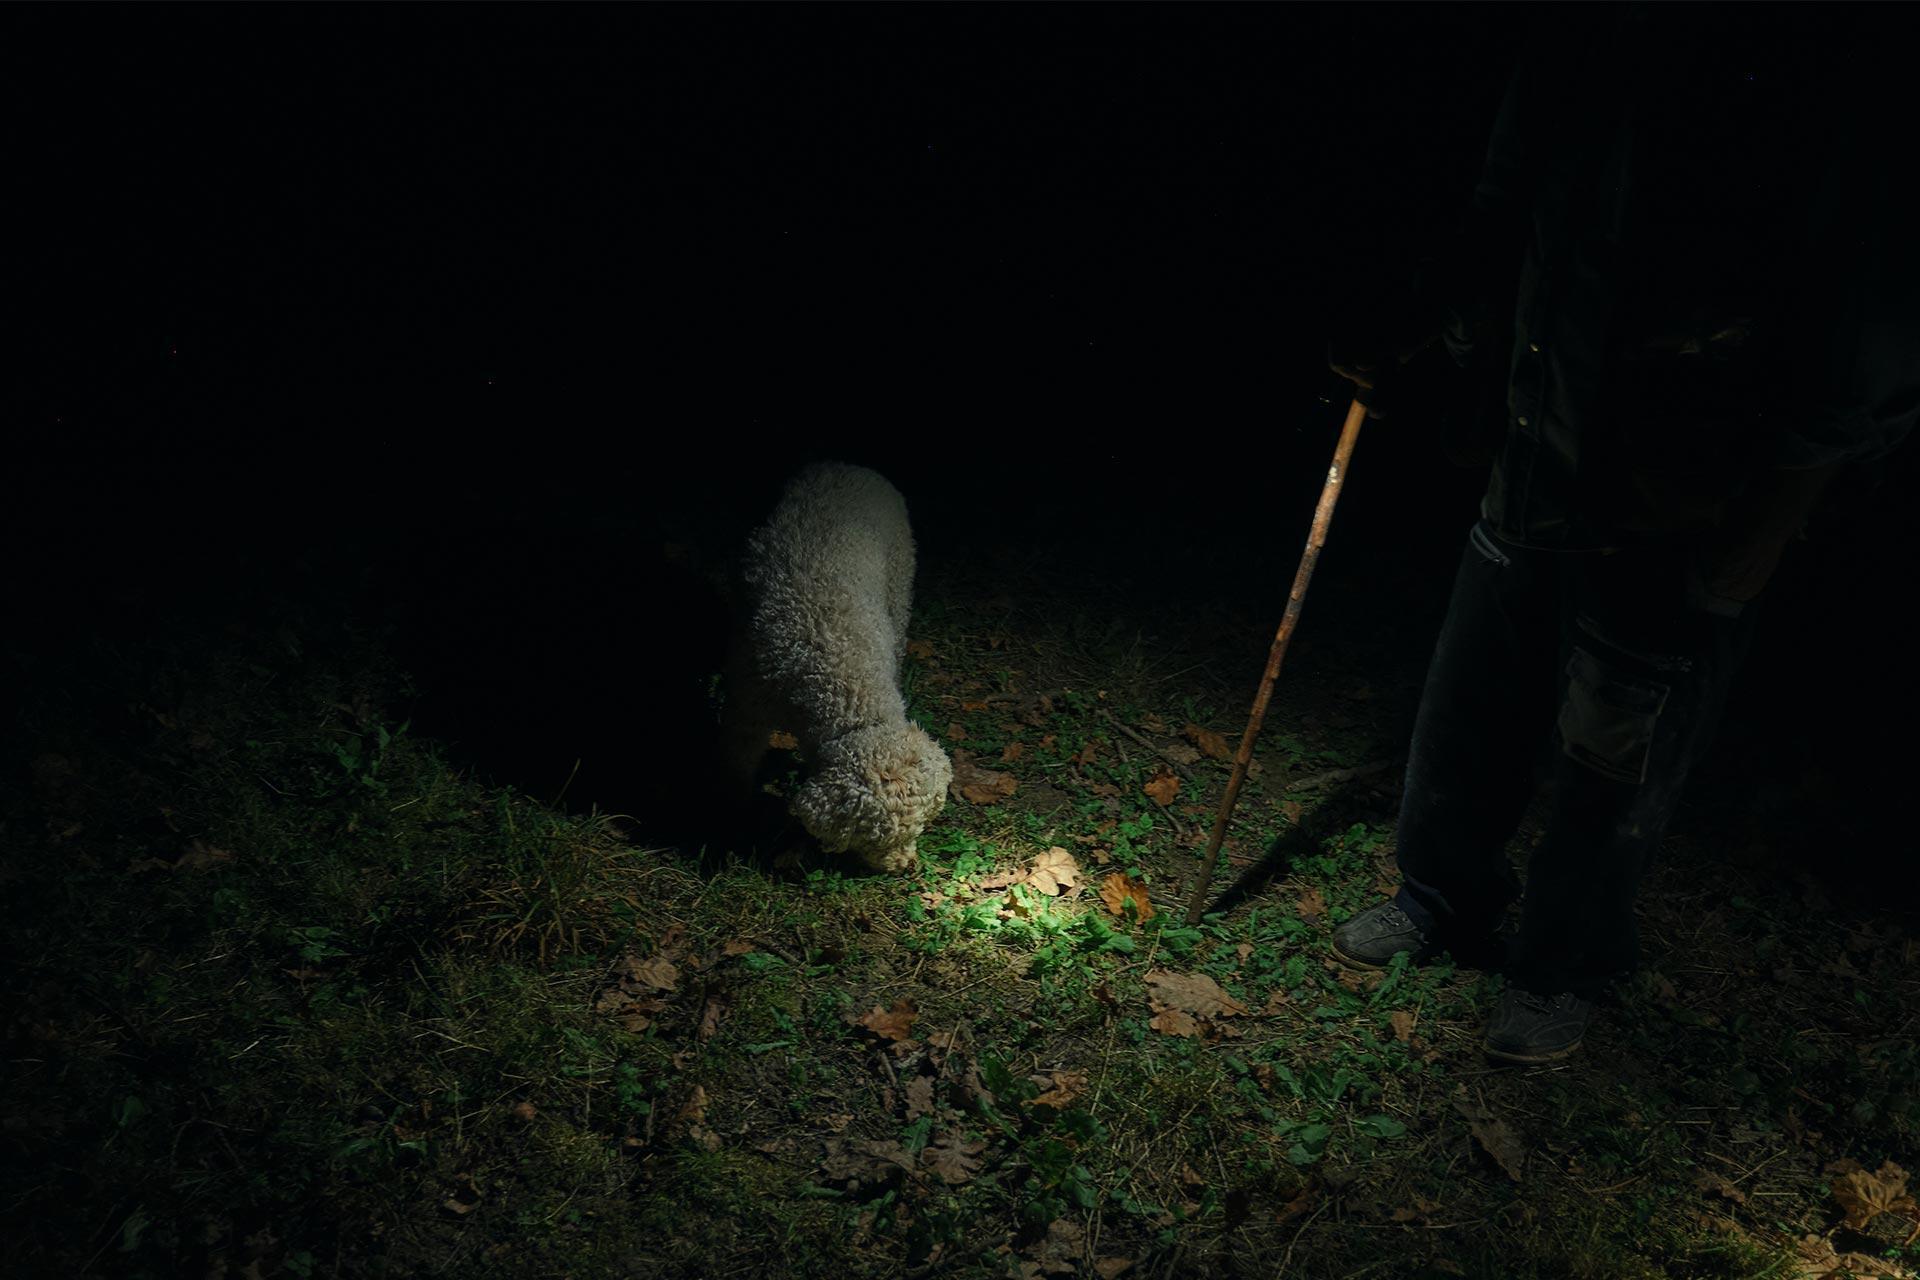 Un cane in cerca di tartufi